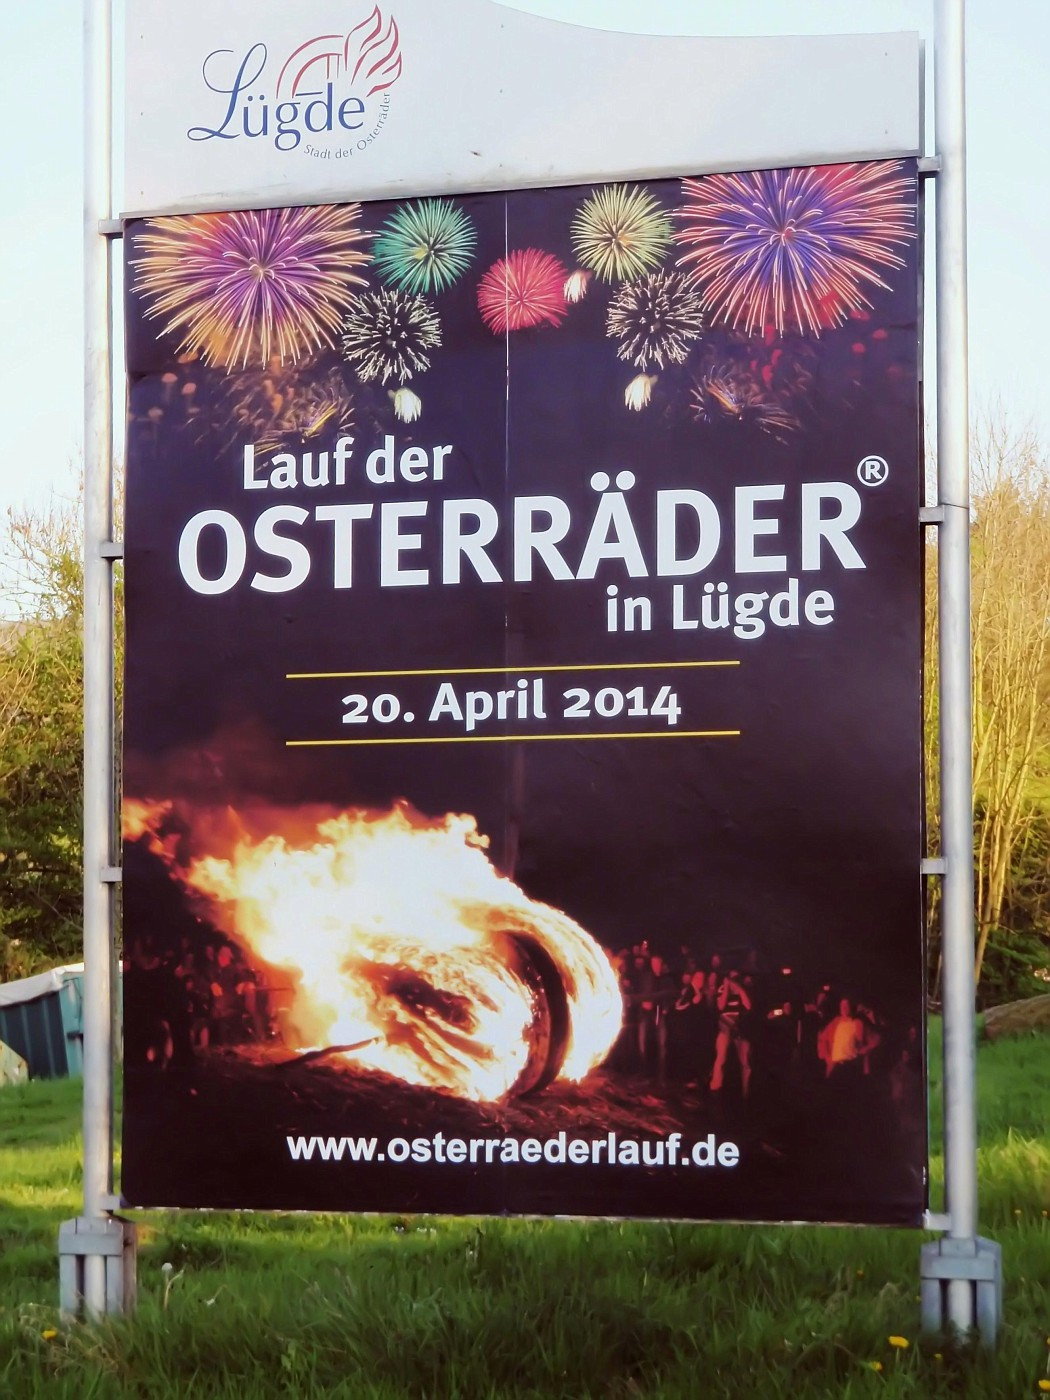 Werbetafel für den Osterräderlauf